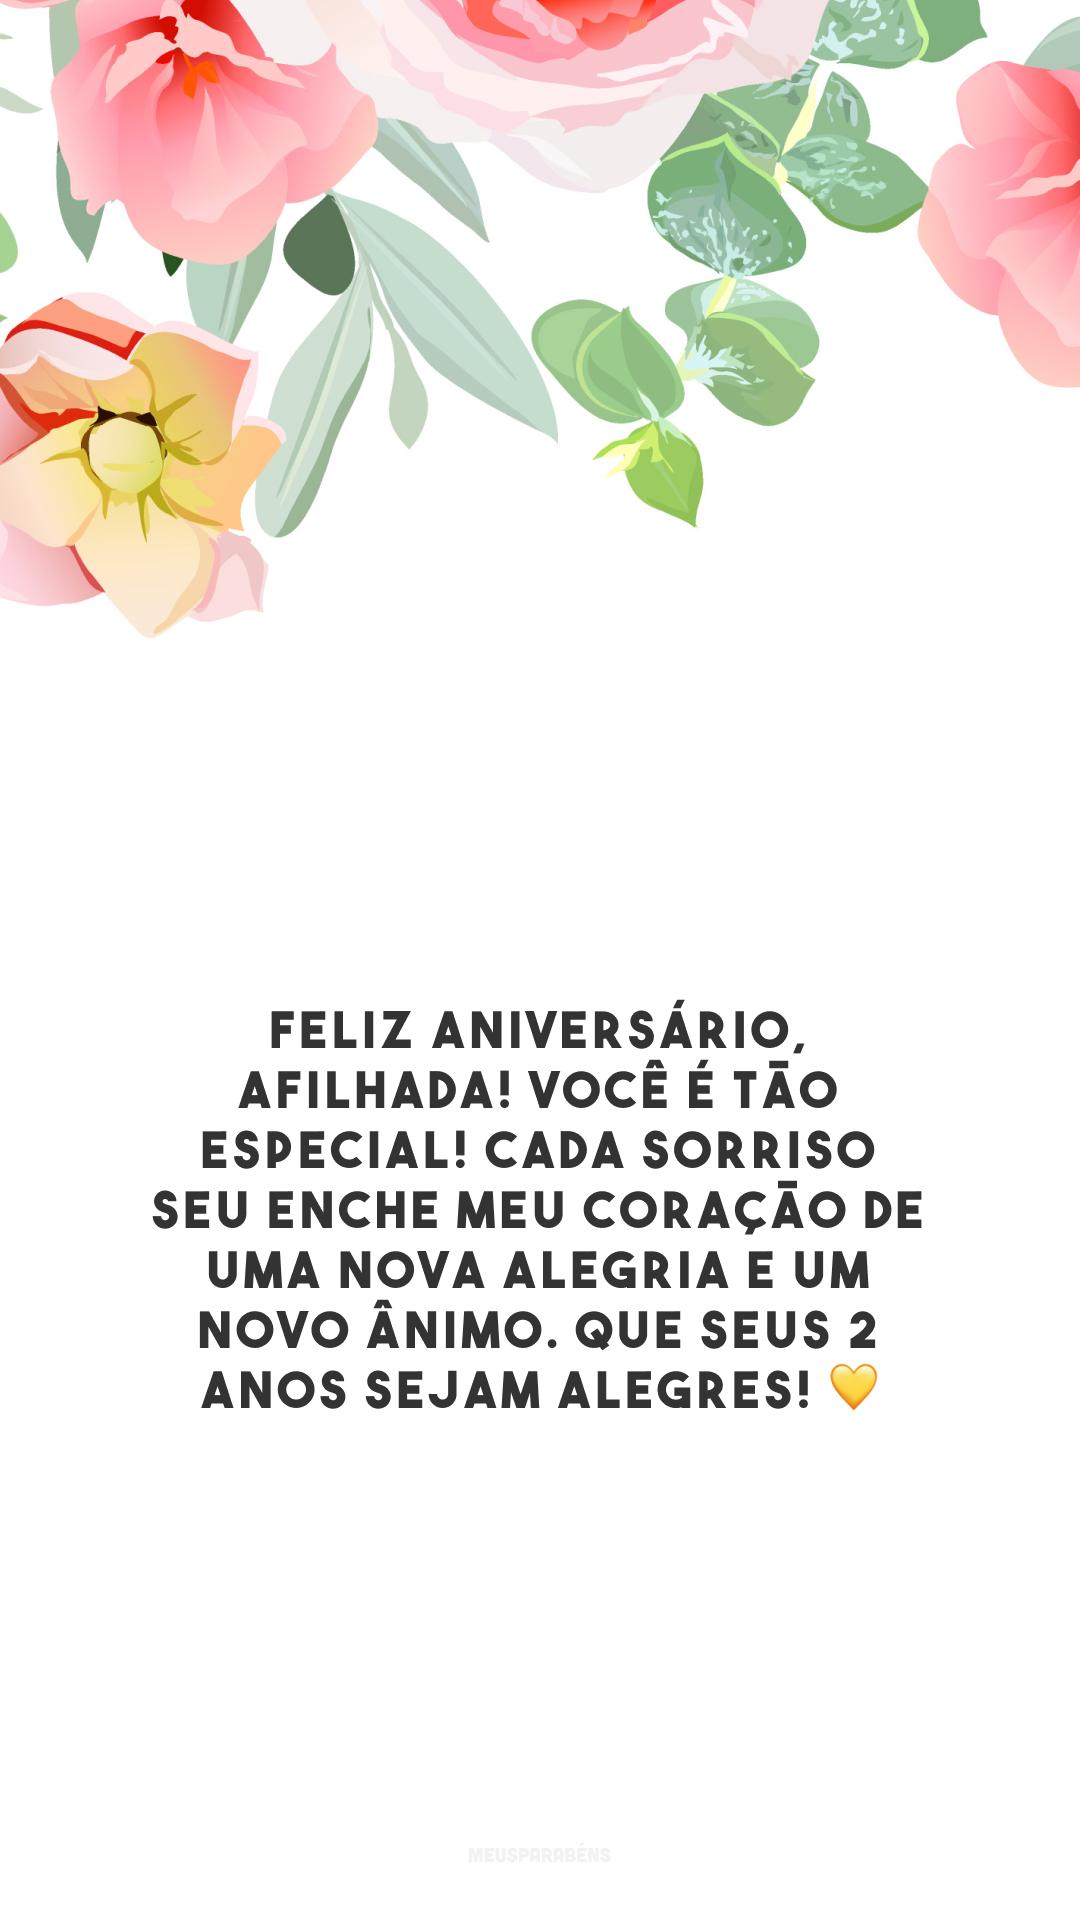 Feliz aniversário, afilhada! Você é tão especial! Cada sorriso seu enche meu coração de uma nova alegria e um novo ânimo. Que seus 2 anos sejam alegres! 💛